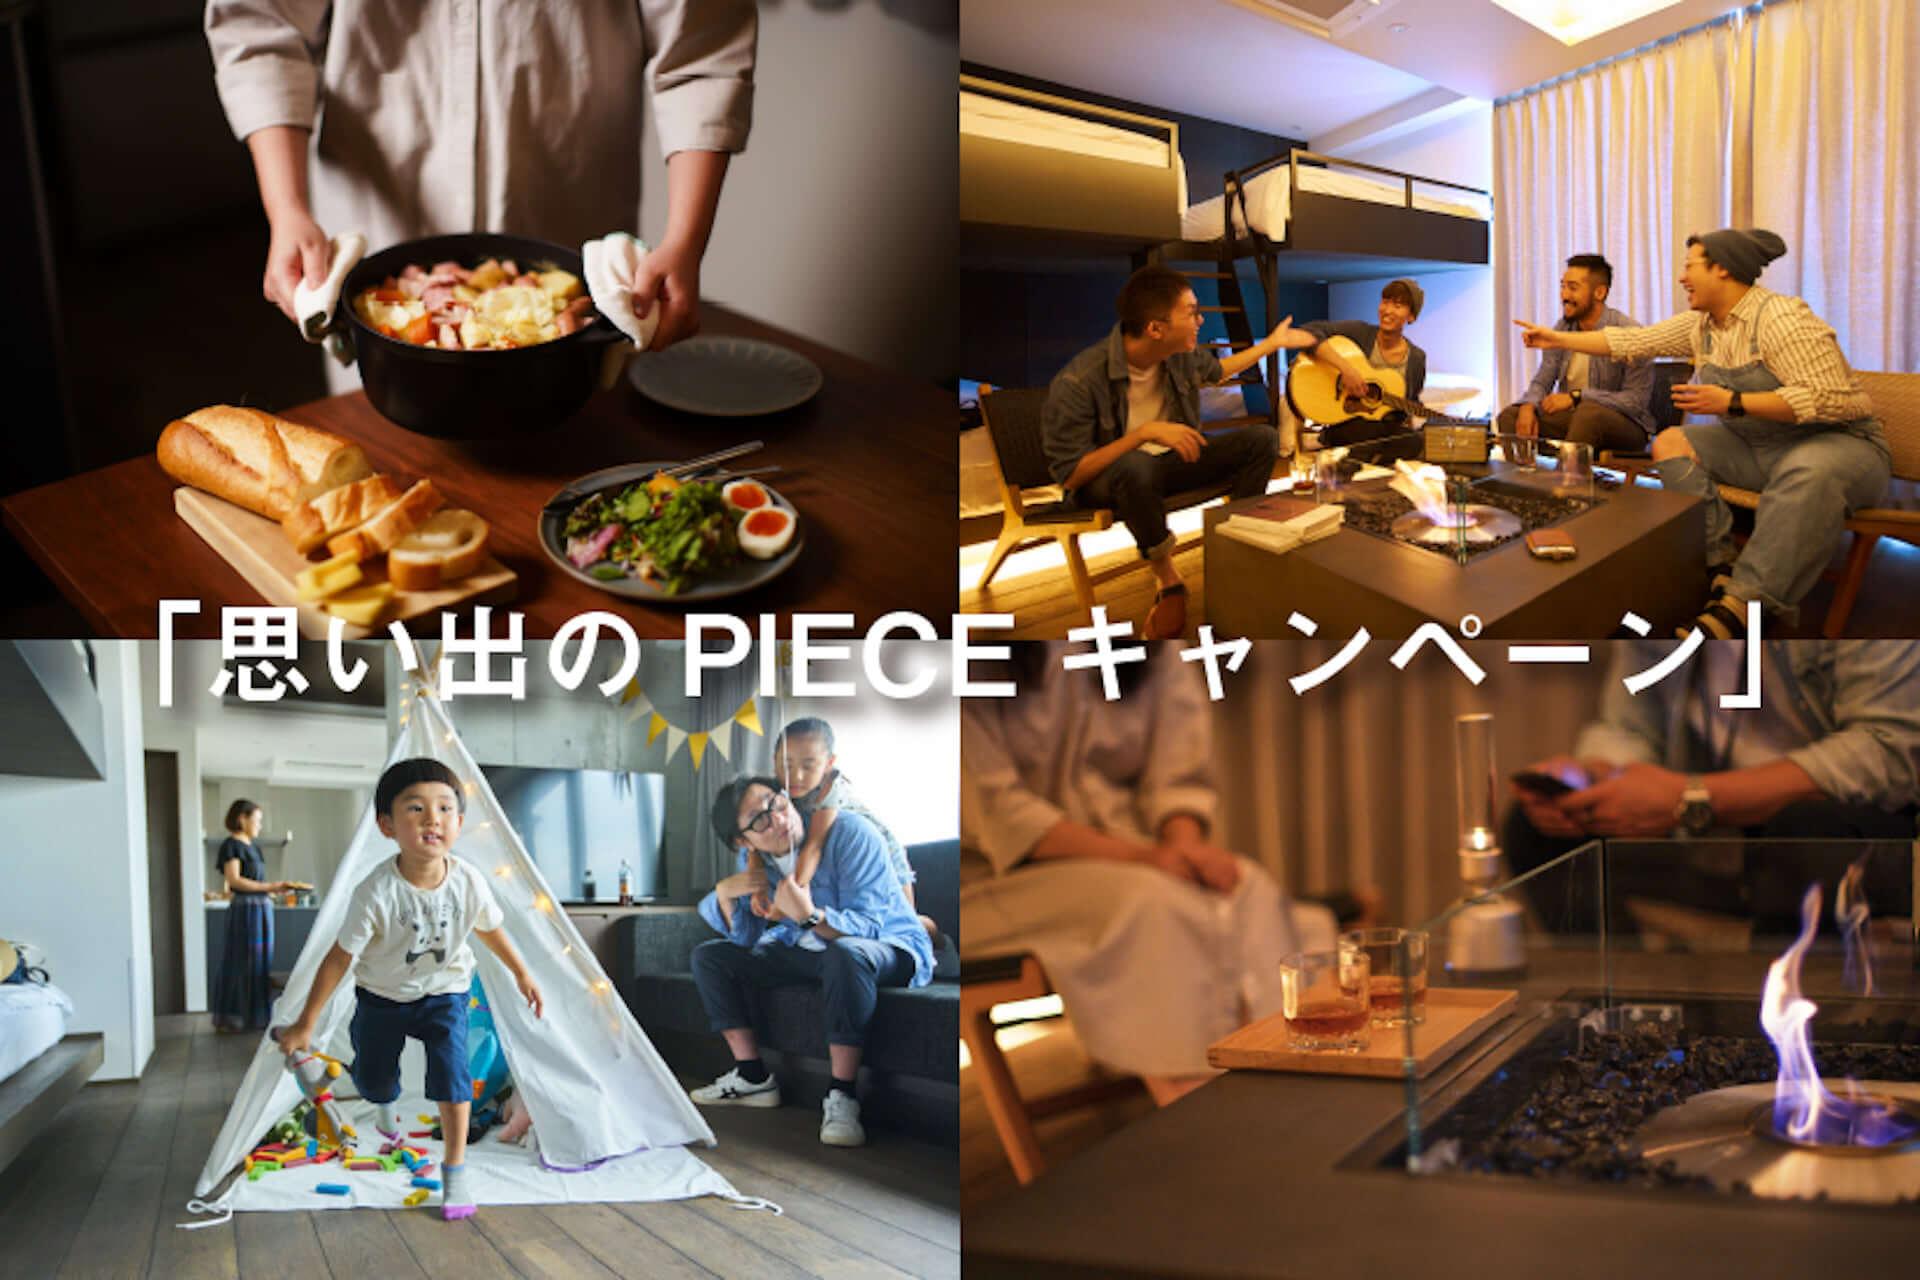 スタジオタイプの隠れ家ホテル・京都「22 PIECES」が営業再開決定!無料招待券のプレゼント企画も実施 lf201022_22pieces_3-1920x1280